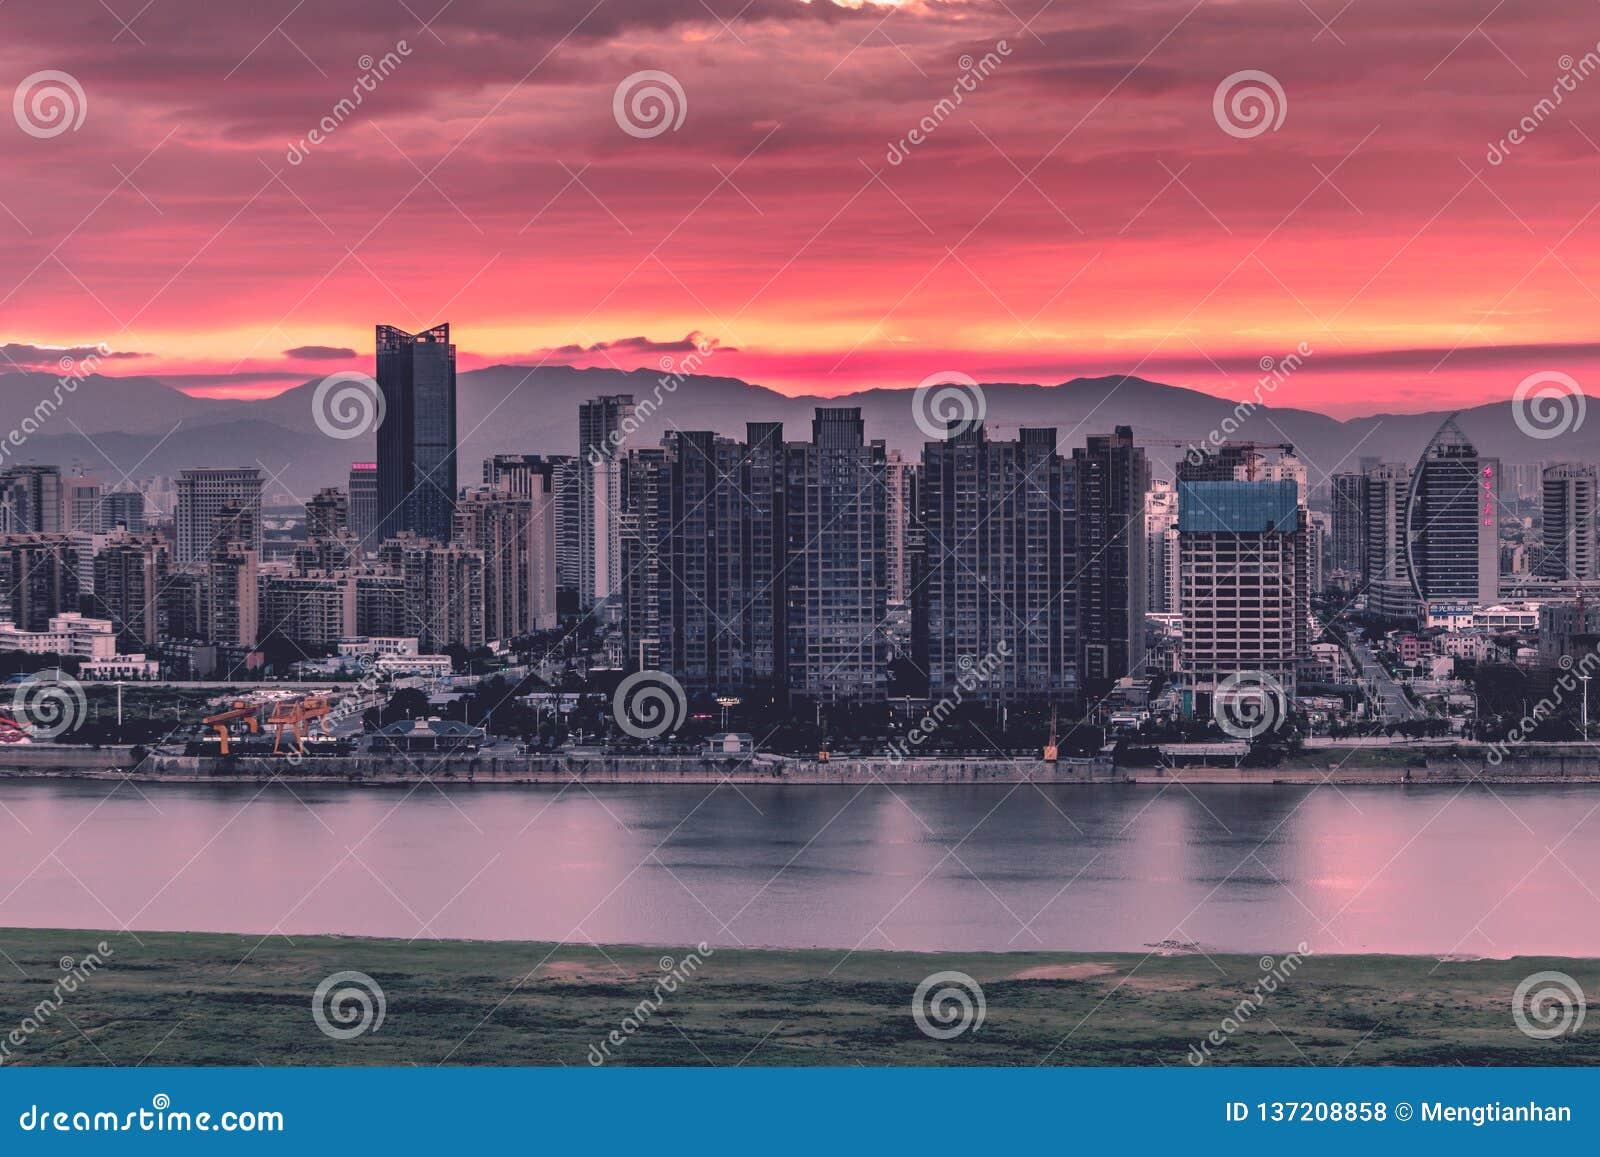 黄昏在现代城市